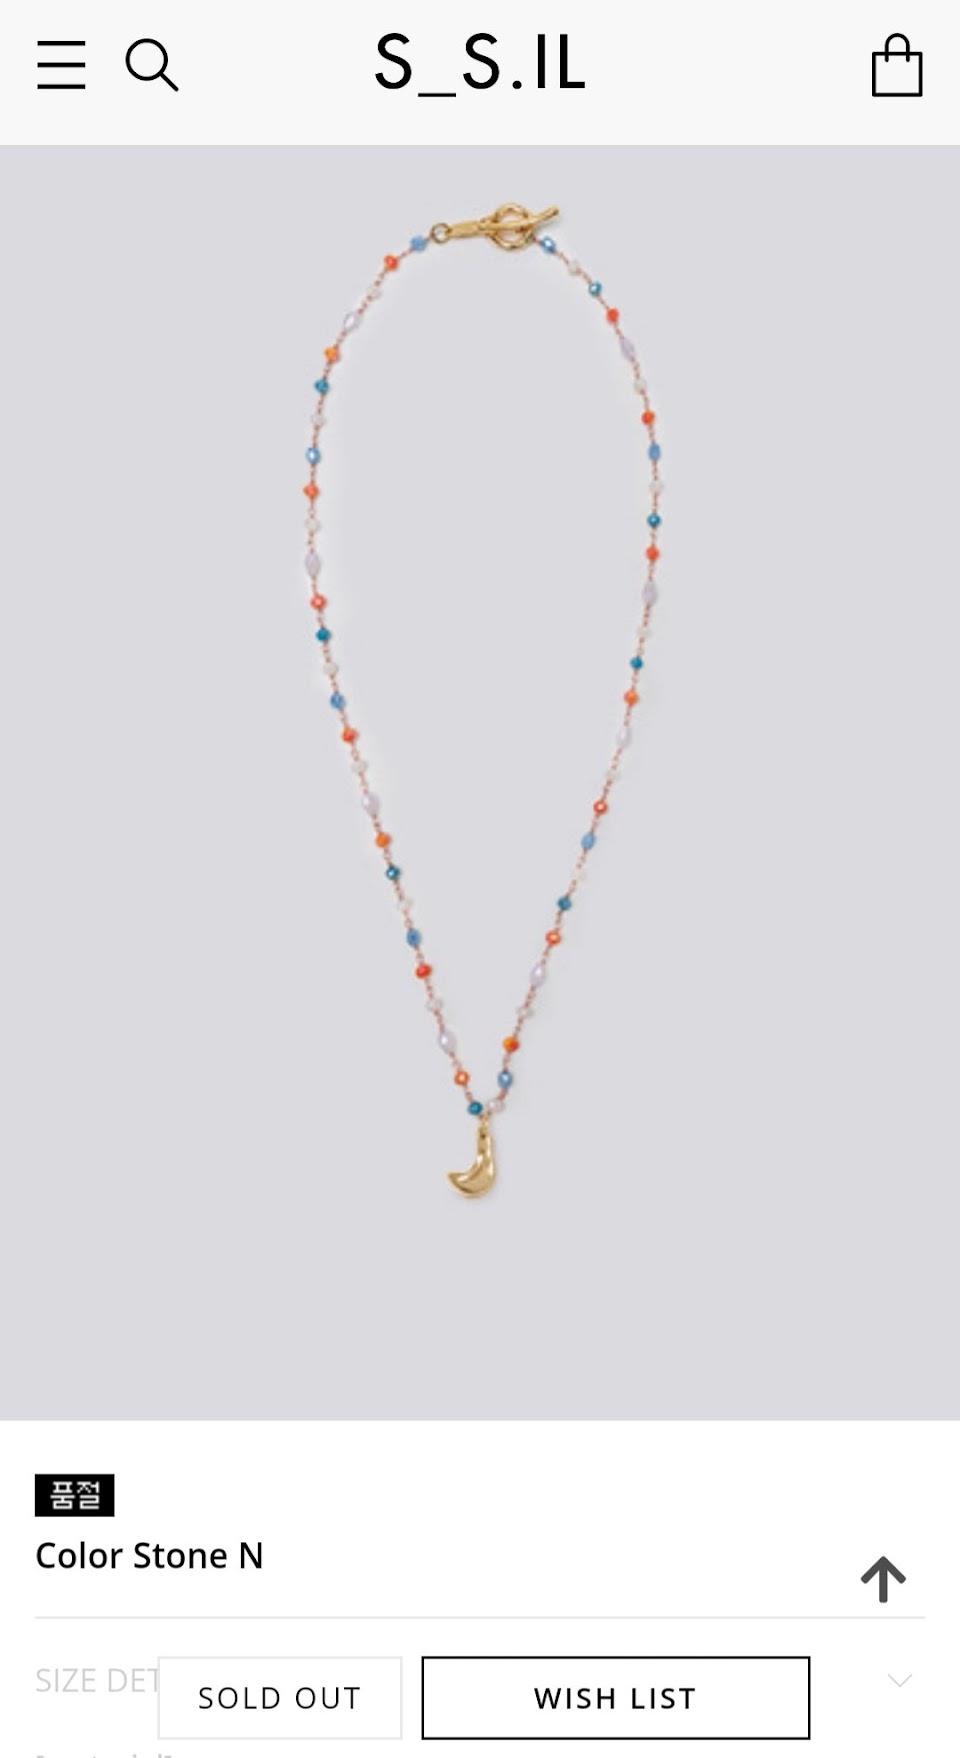 blackpink lisa ssil necklace